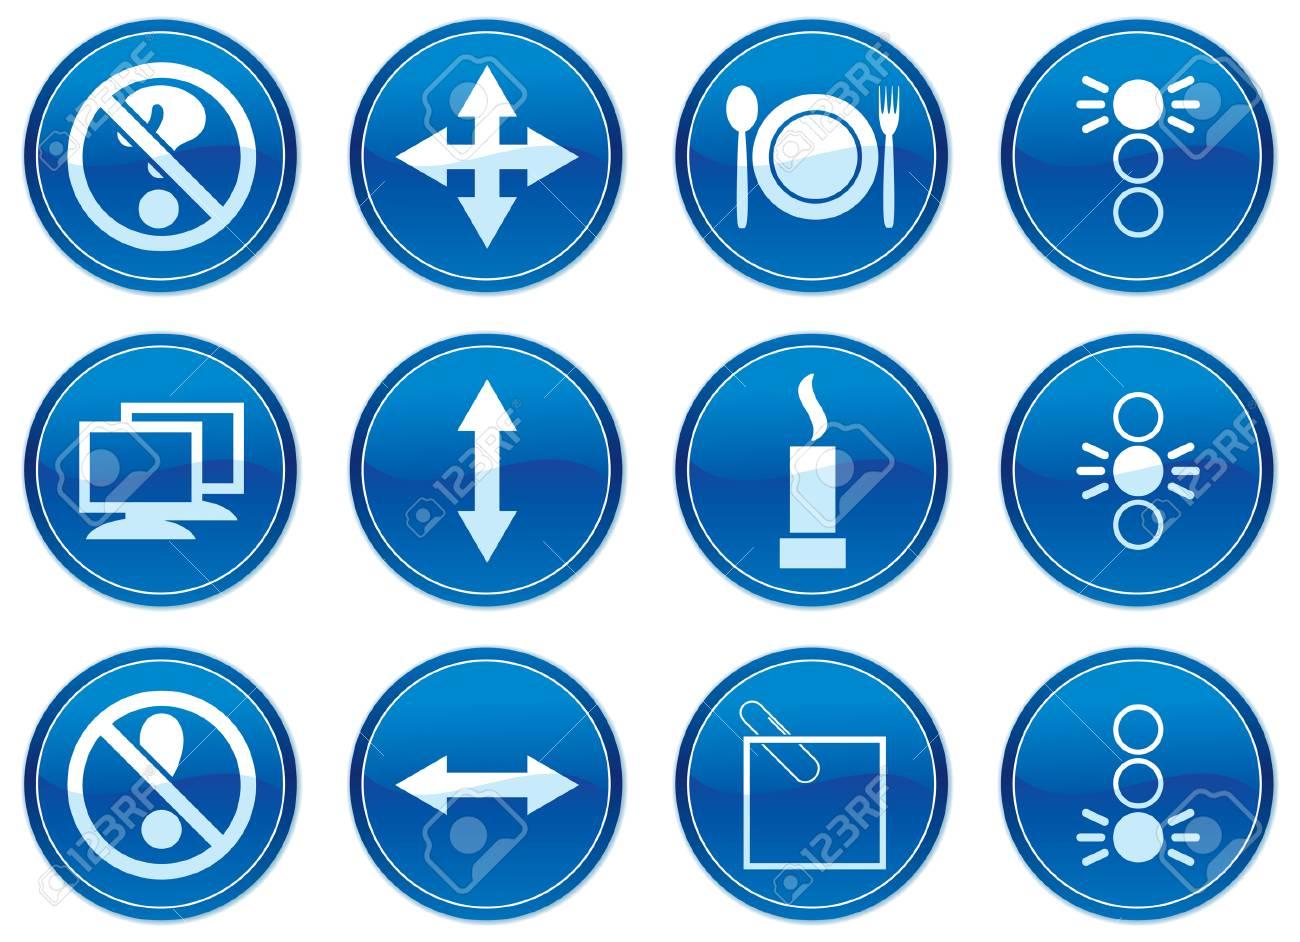 Icônes Gadget Fixés Blanc Palette De Couleur Bleu Foncé Vector